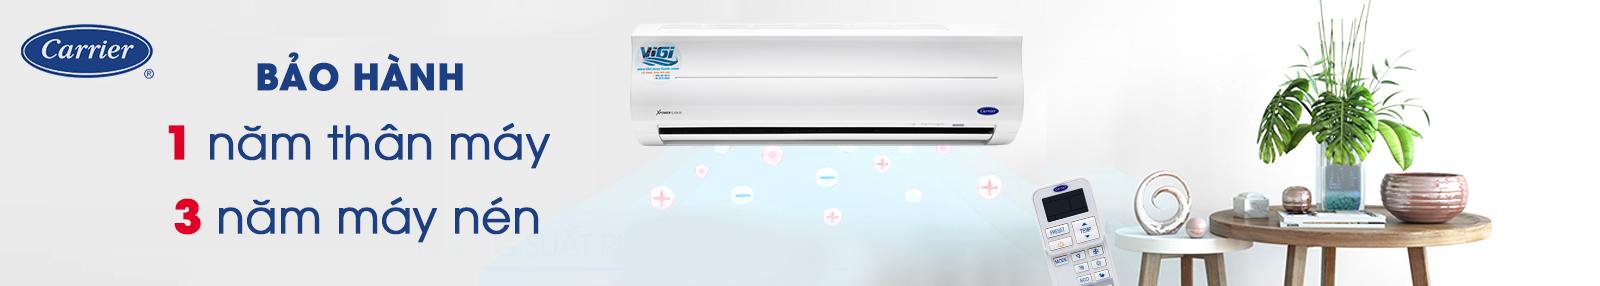 Máy lạnh Carrier